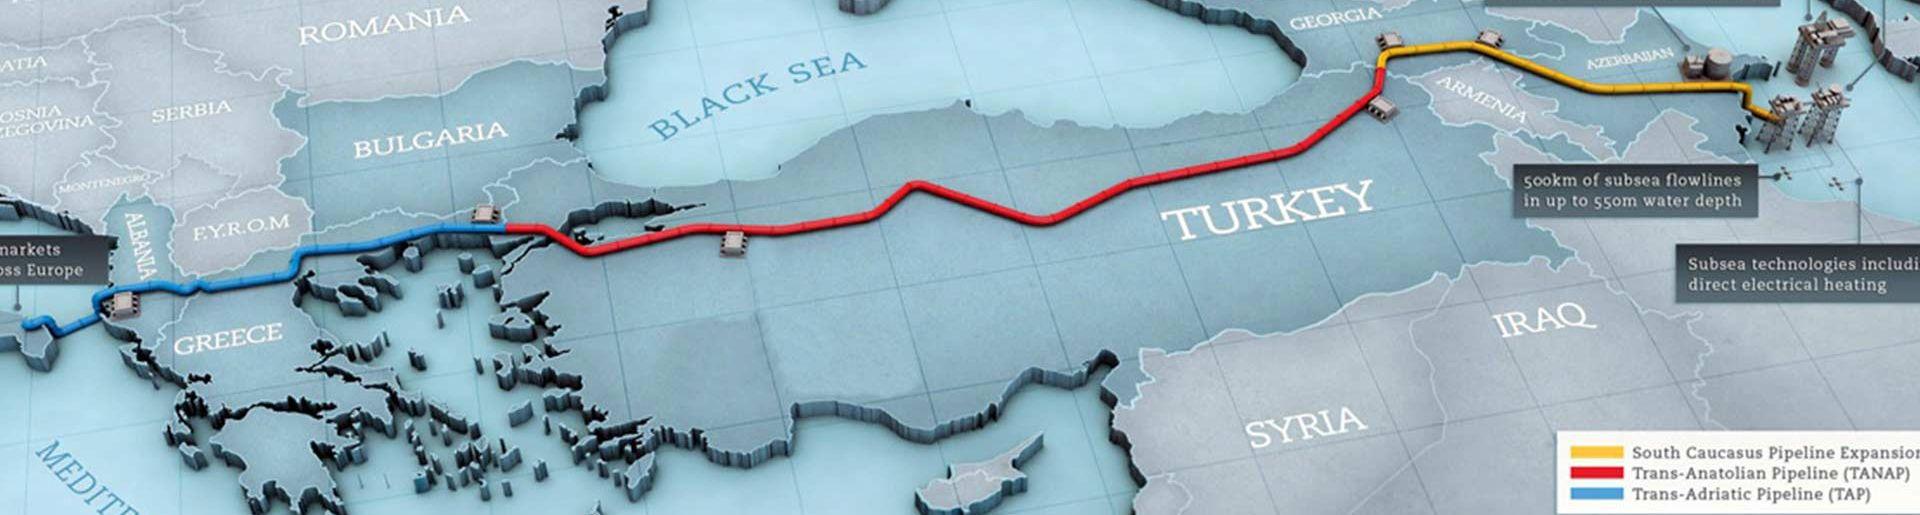 Trans Anadolu Doğal Gaz Boru Hattı (TANAP) Projesi – Ön Mühendislik Tasarımı